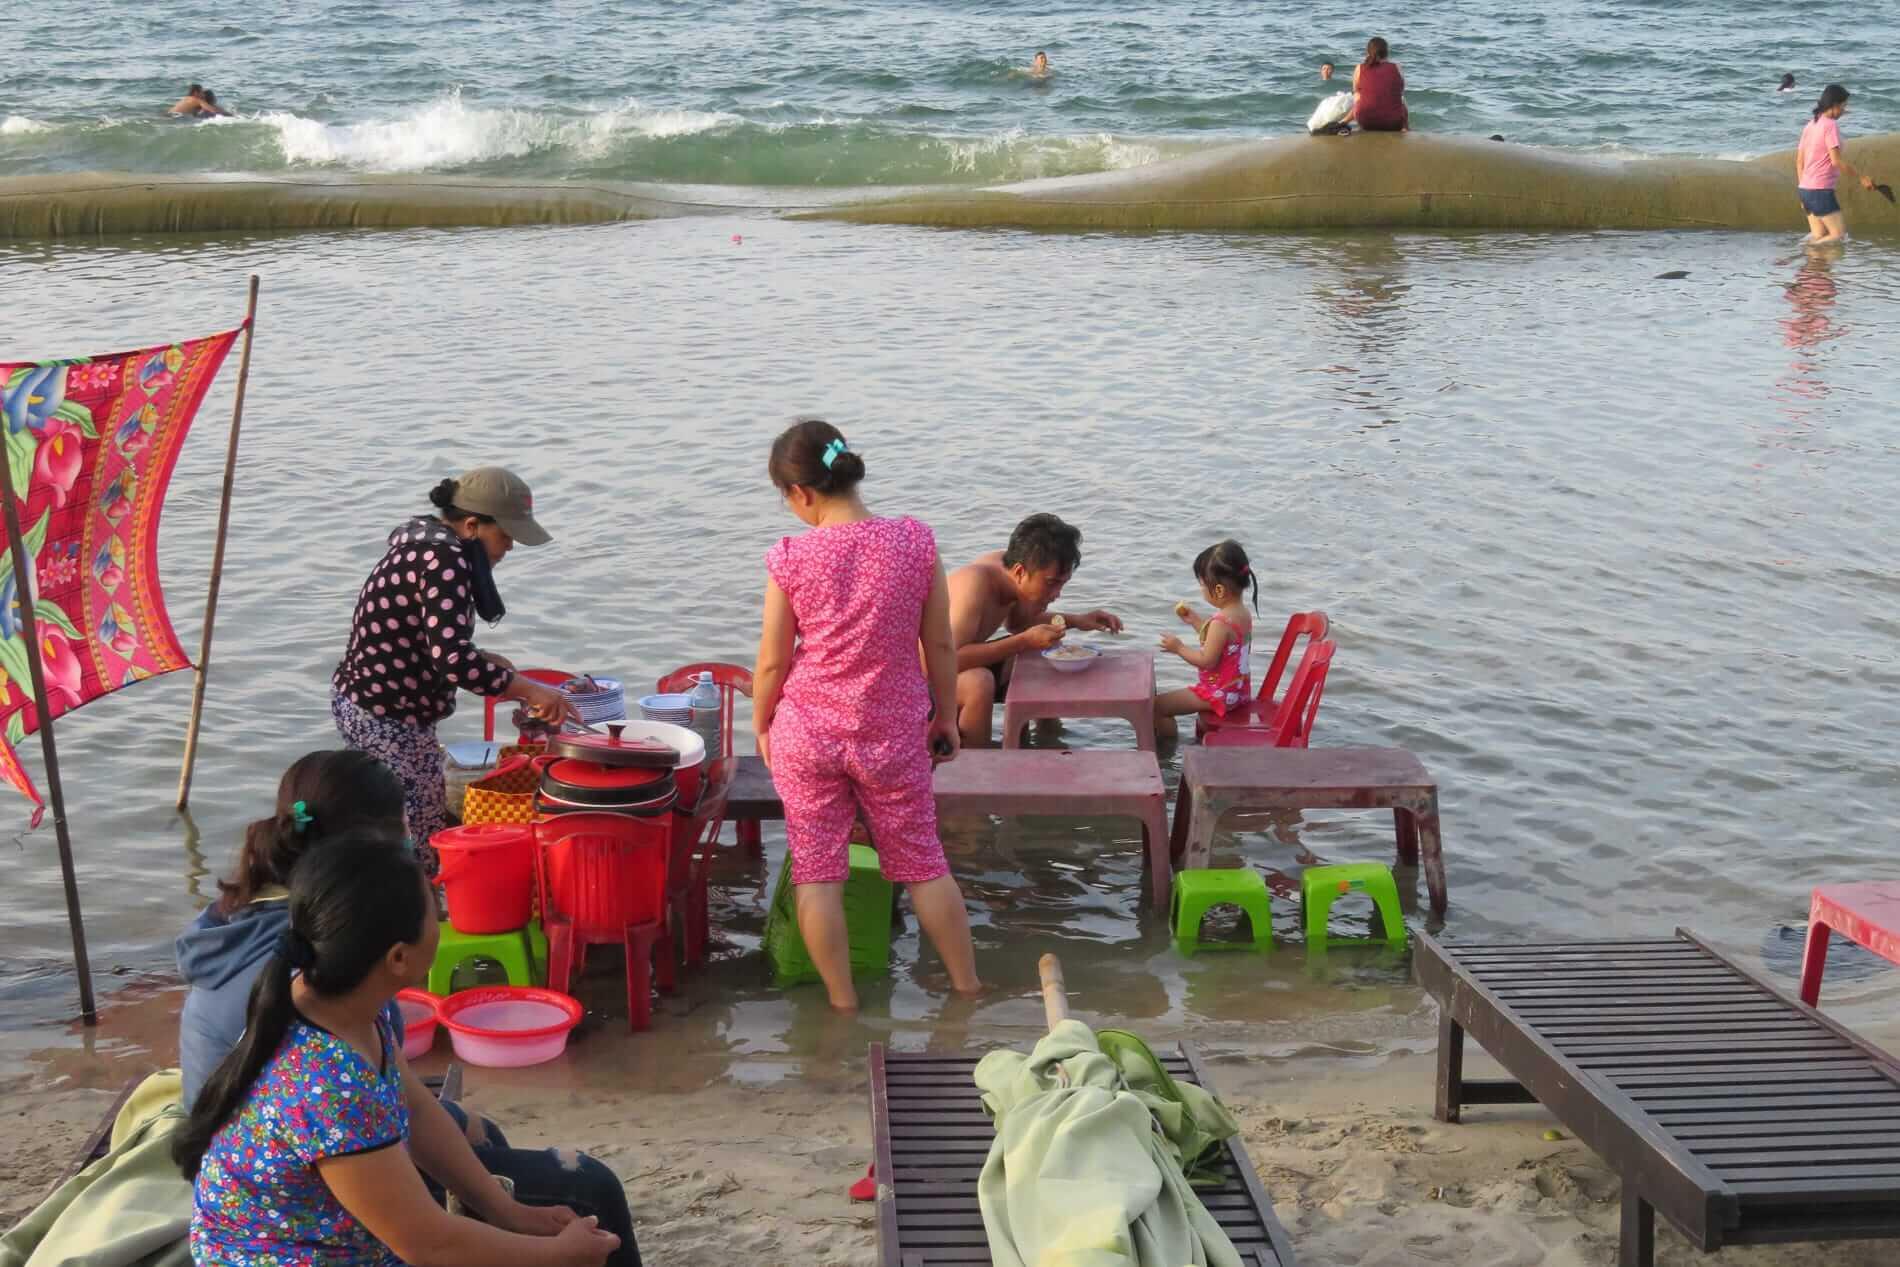 A beach barbecue in Hoi An